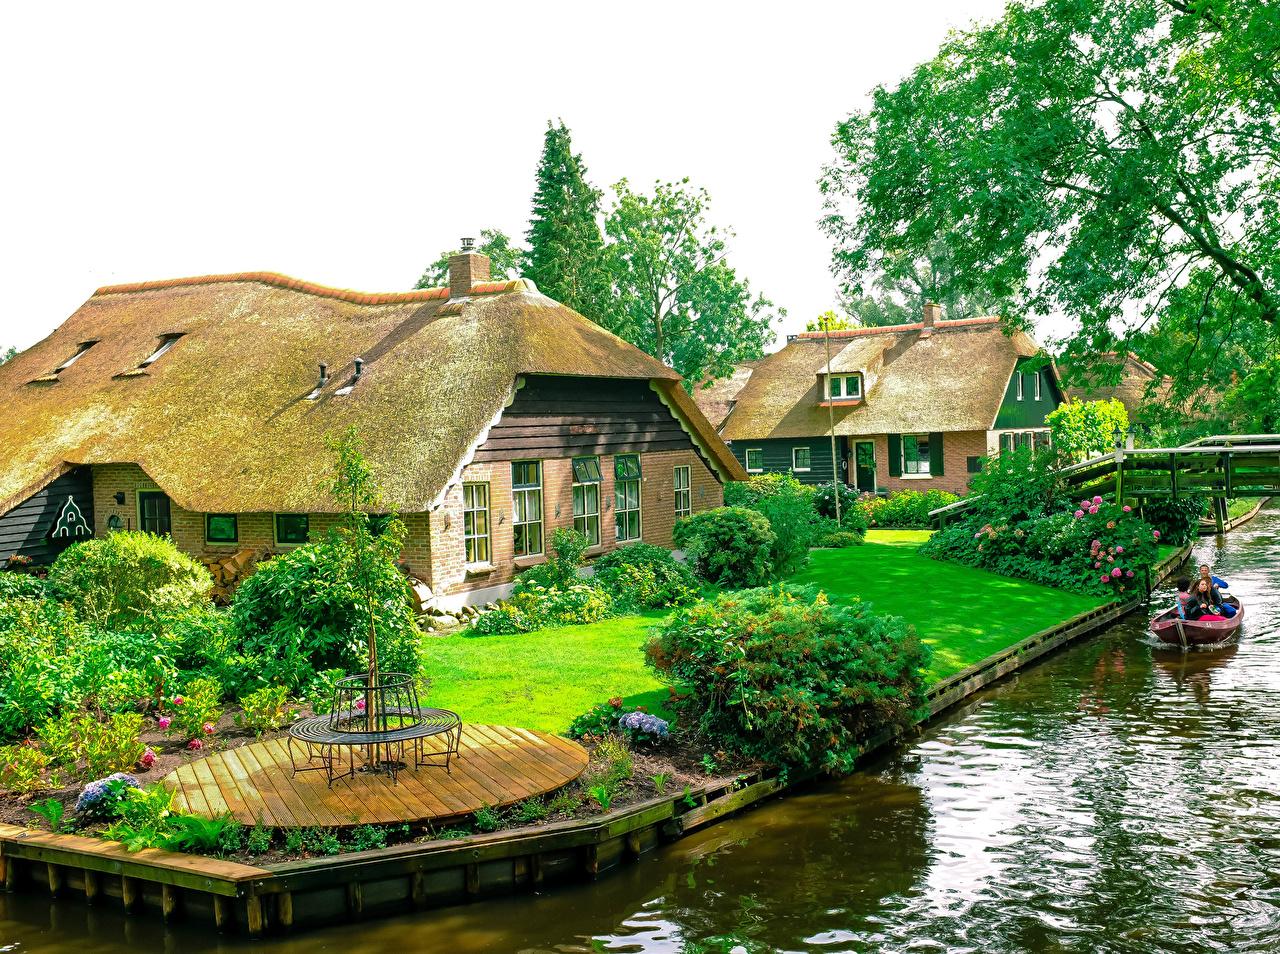 Обои для рабочего стола Нидерланды Giethoorn Водный канал газоне Кусты Города Здания голландия Газон Дома город кустов